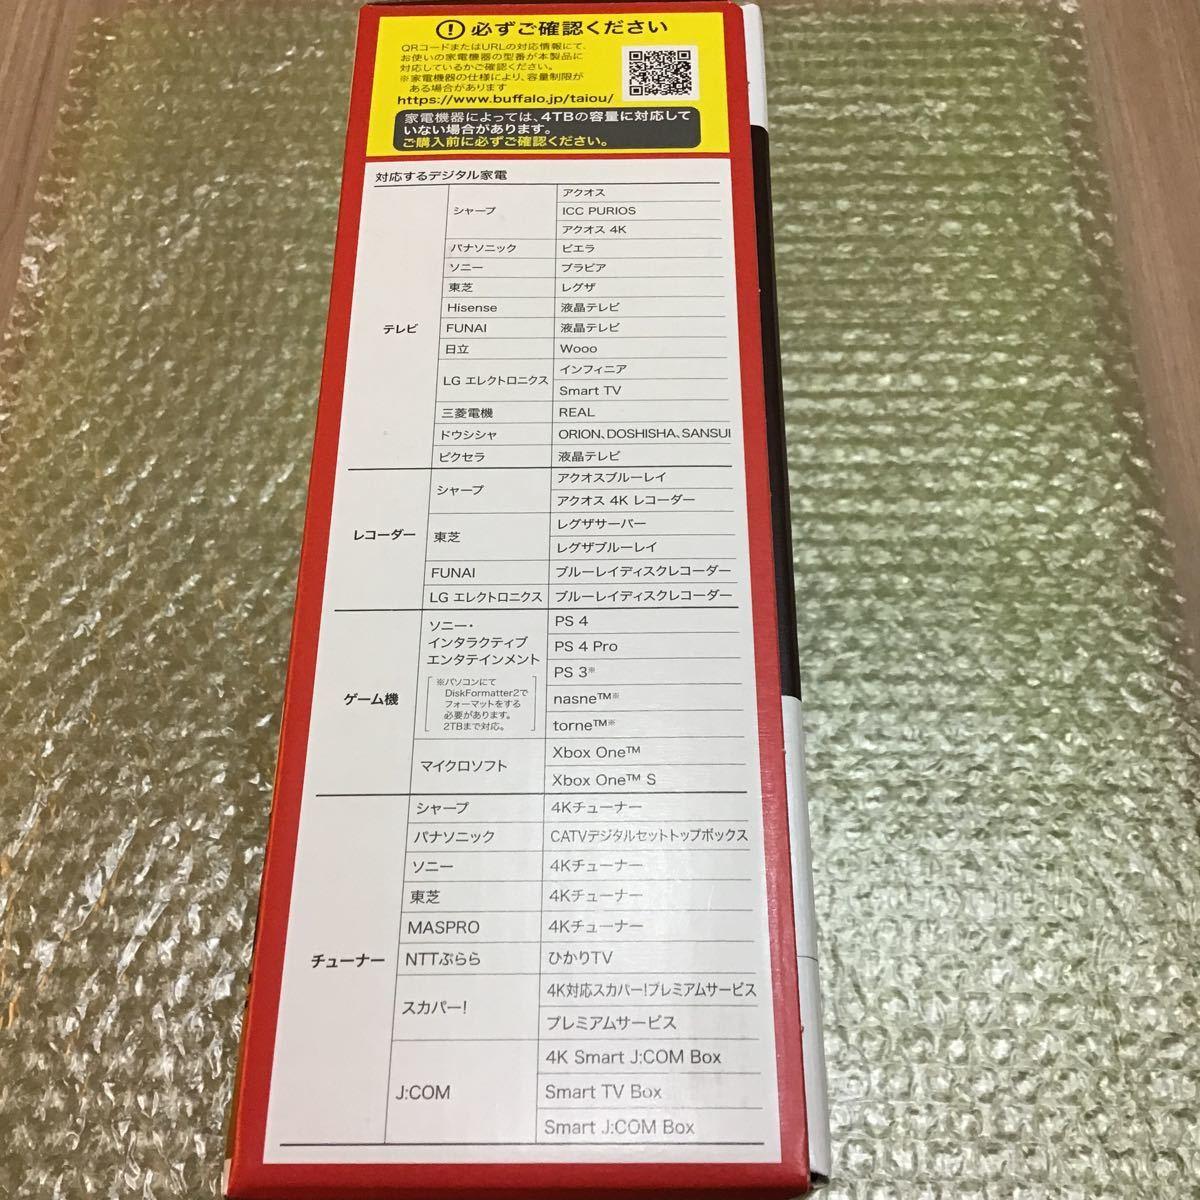 外付けハードディスク 2.0TB BUFFALO USB3.1(Gen.1)対応 外付けHDD HD-LD2.0U3-BKA